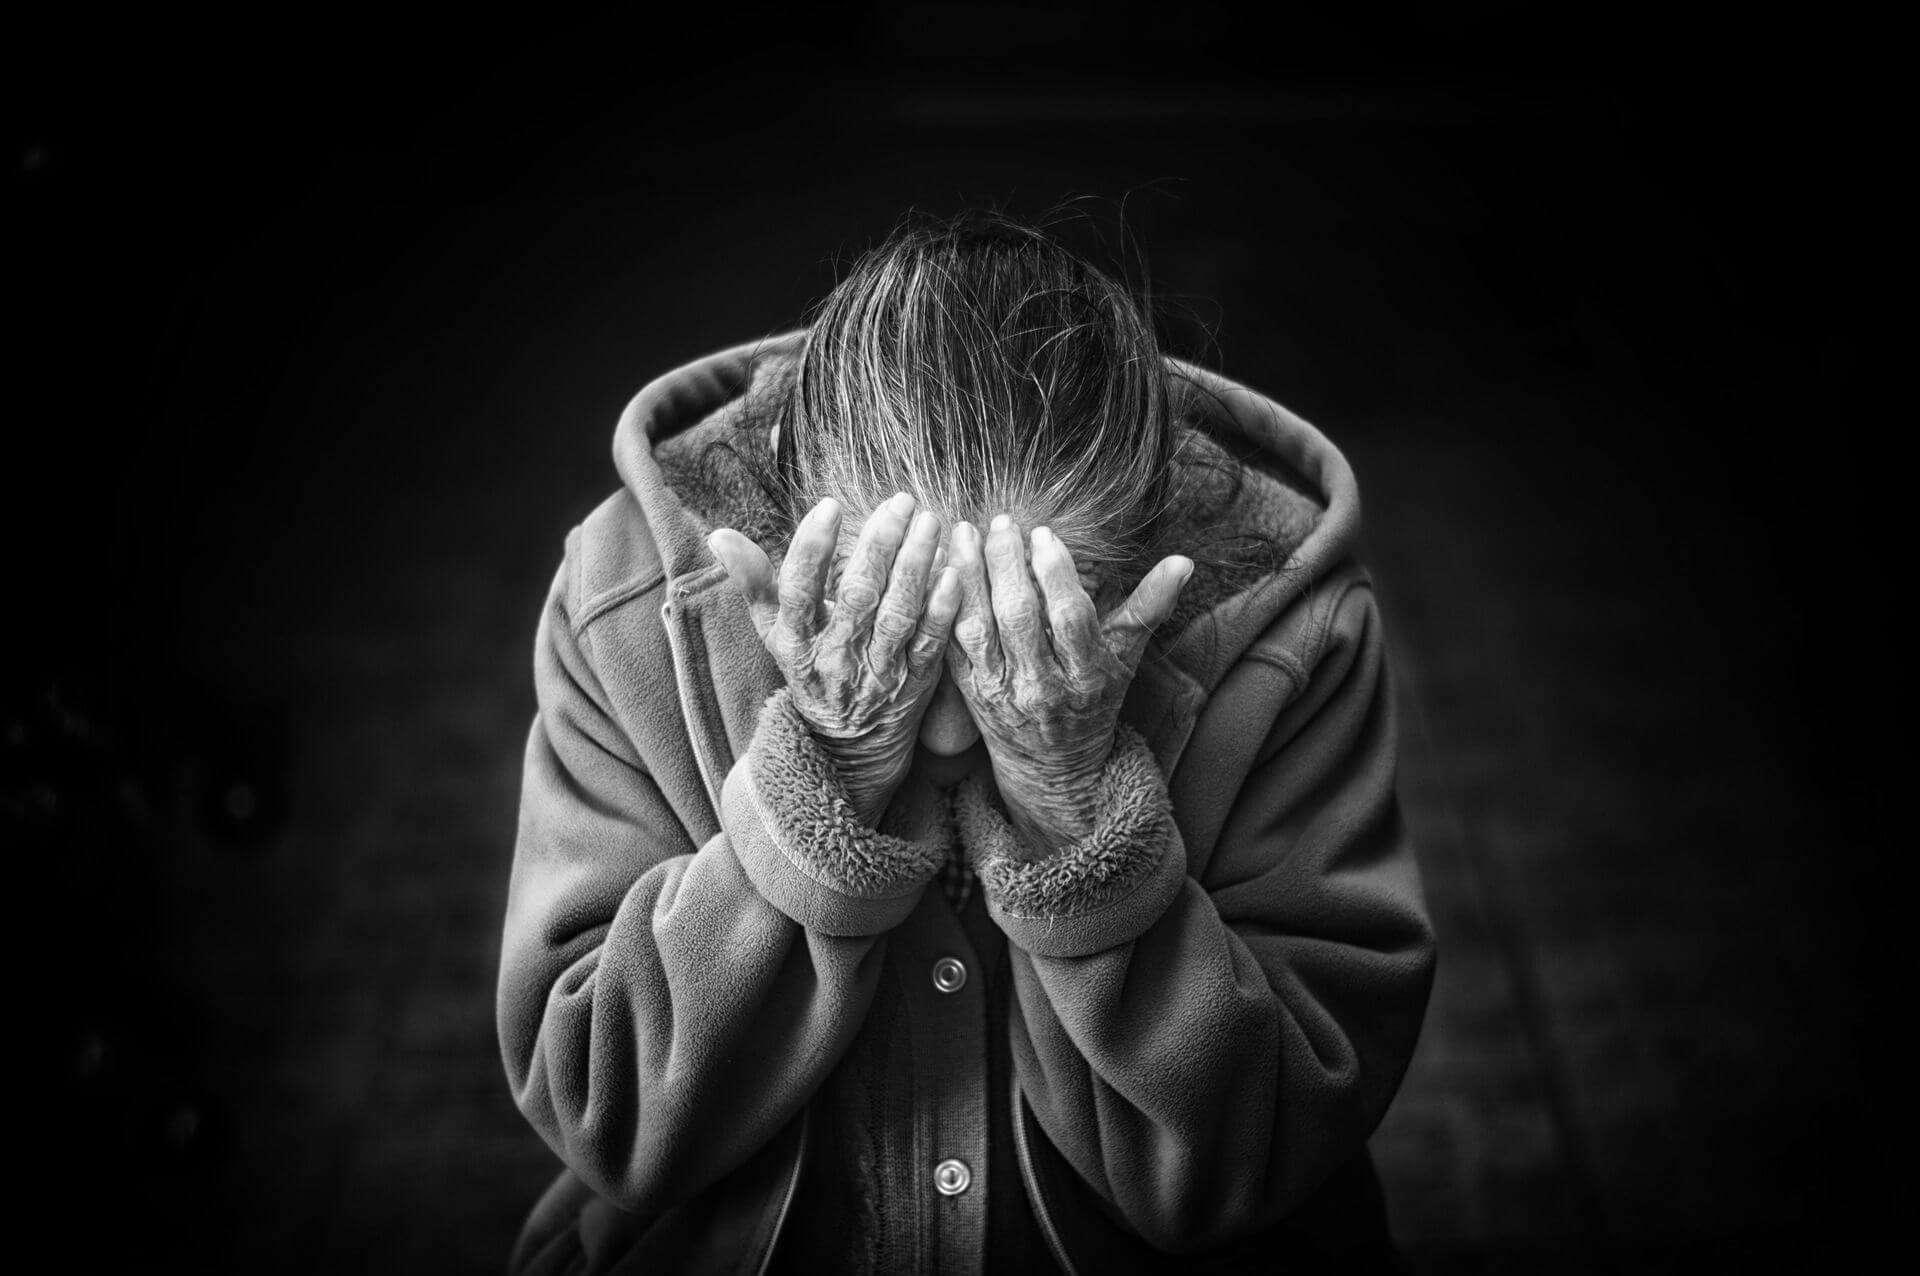 Depression in a suvival scenario